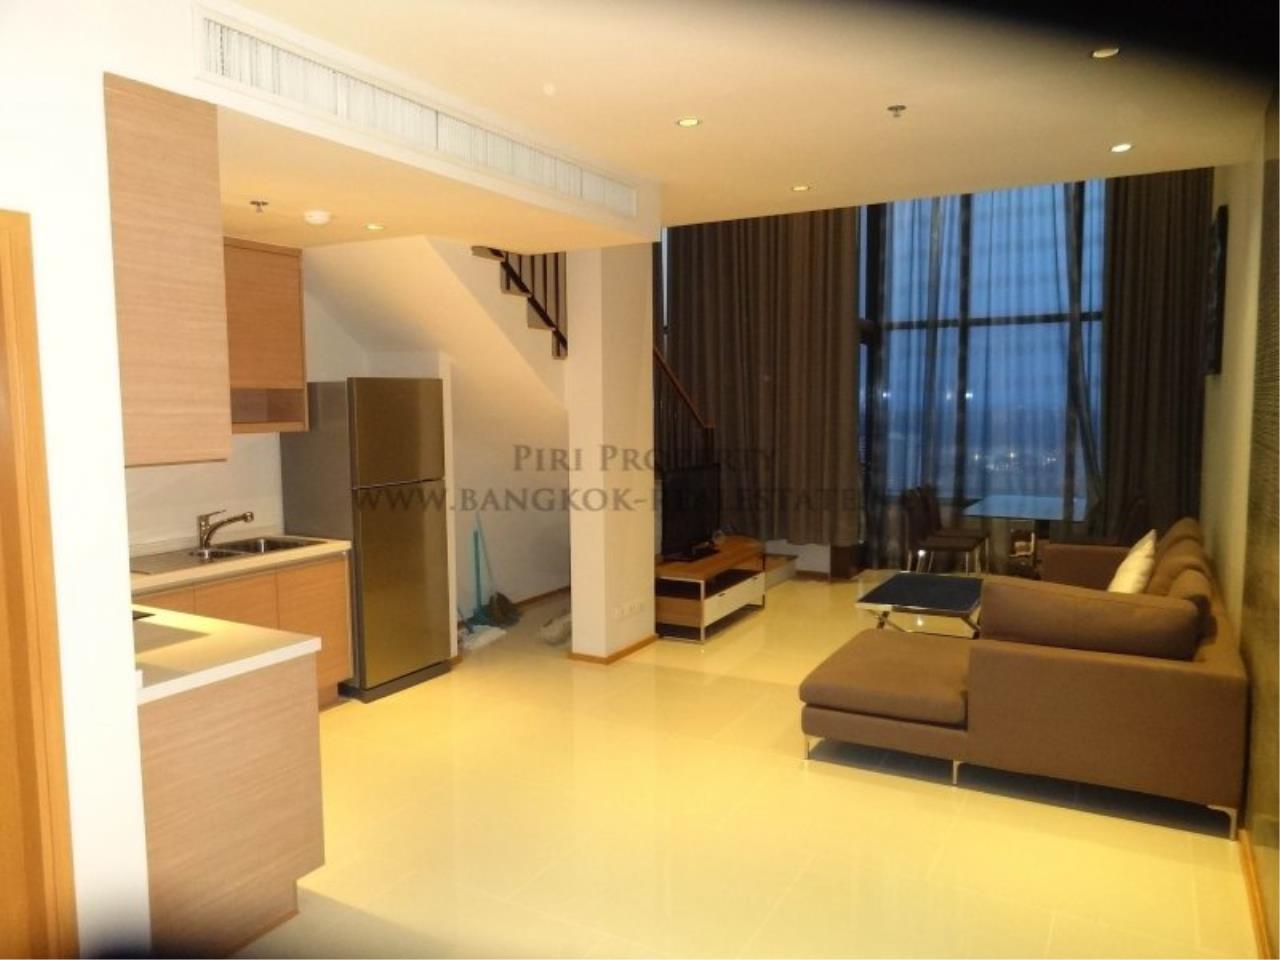 Piri Property Agency's Duplex Condo in the Emporio Place Condominium - Phrom Phong 5